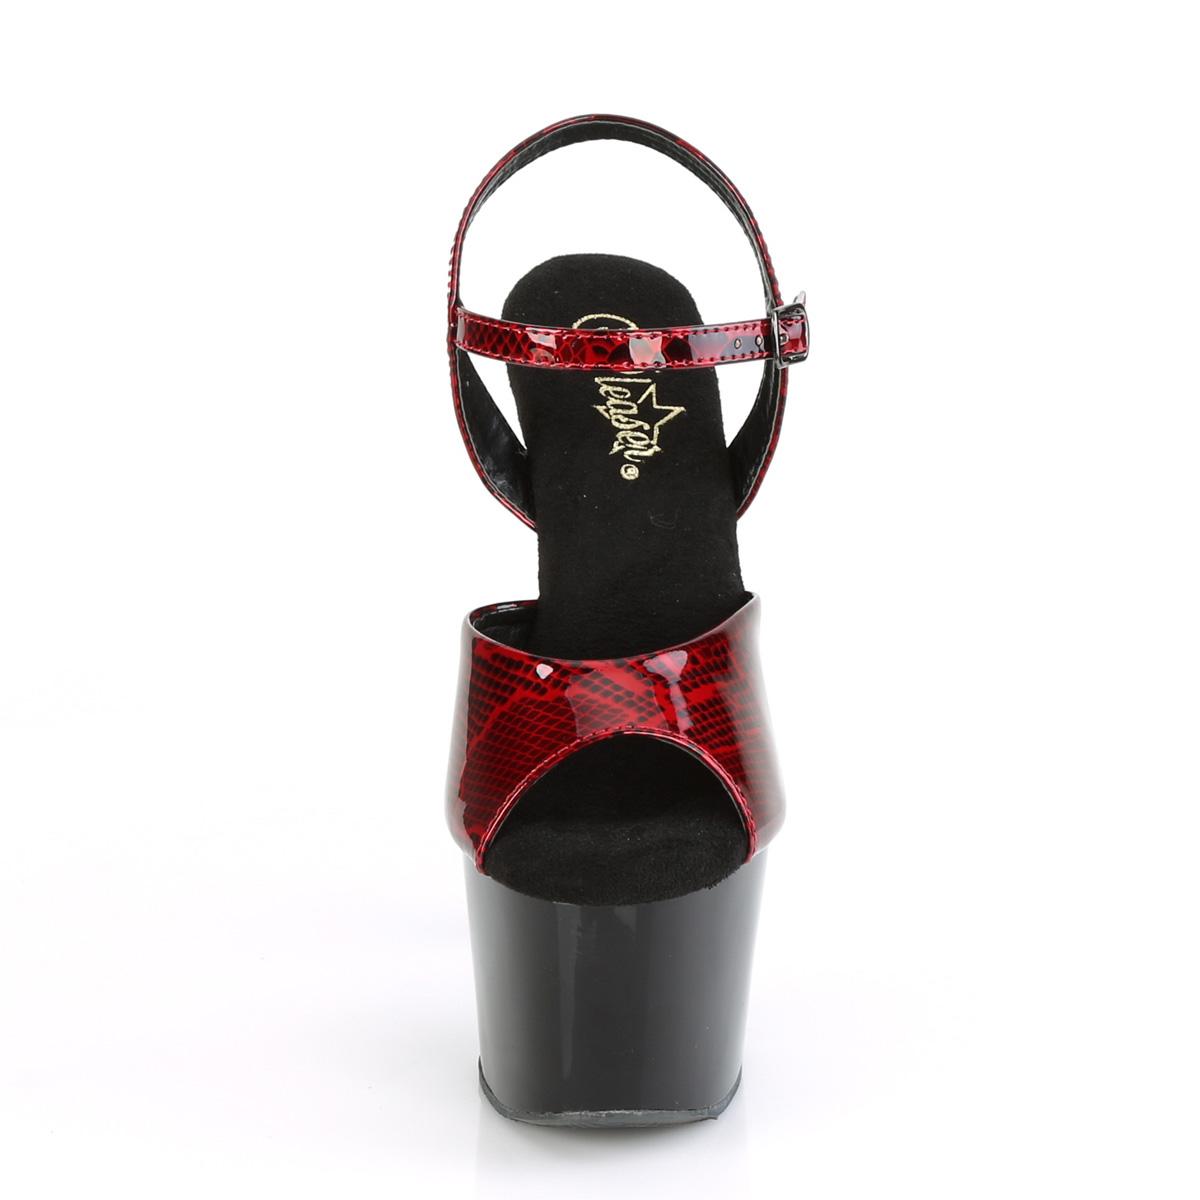 Pleaser(プリーザー) ADORE-709SP スネークスキンプリント アンクルストラップサンダル ヘビ柄 レッド 赤◆取り寄せ